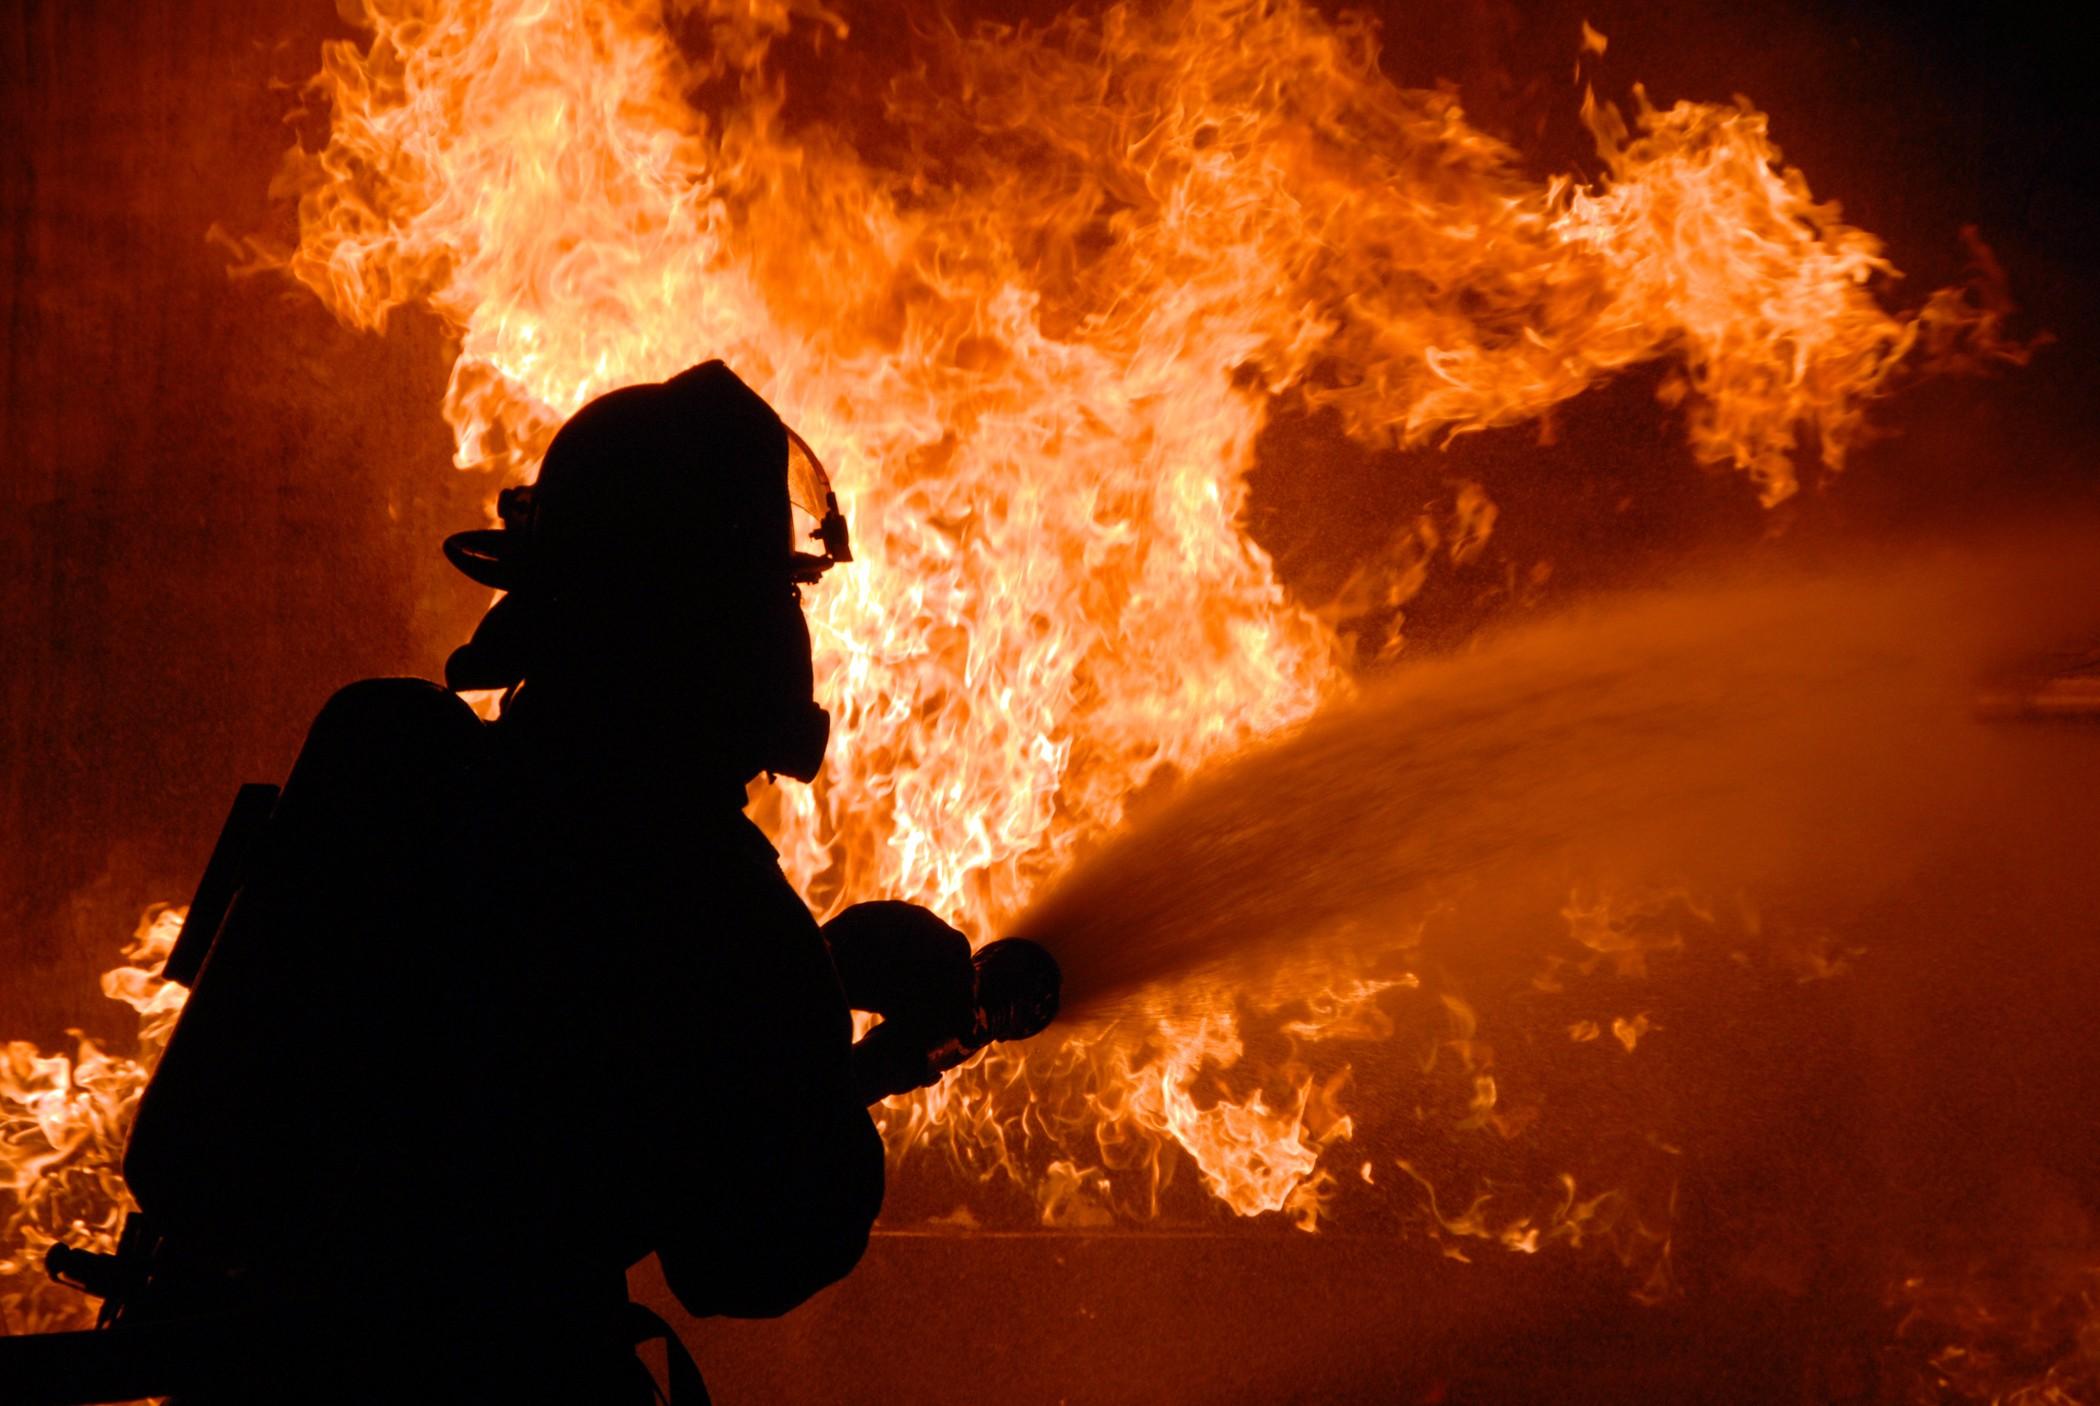 Cотрудники экстренных служб эвакуировали мужчину изпожара вПетербурге